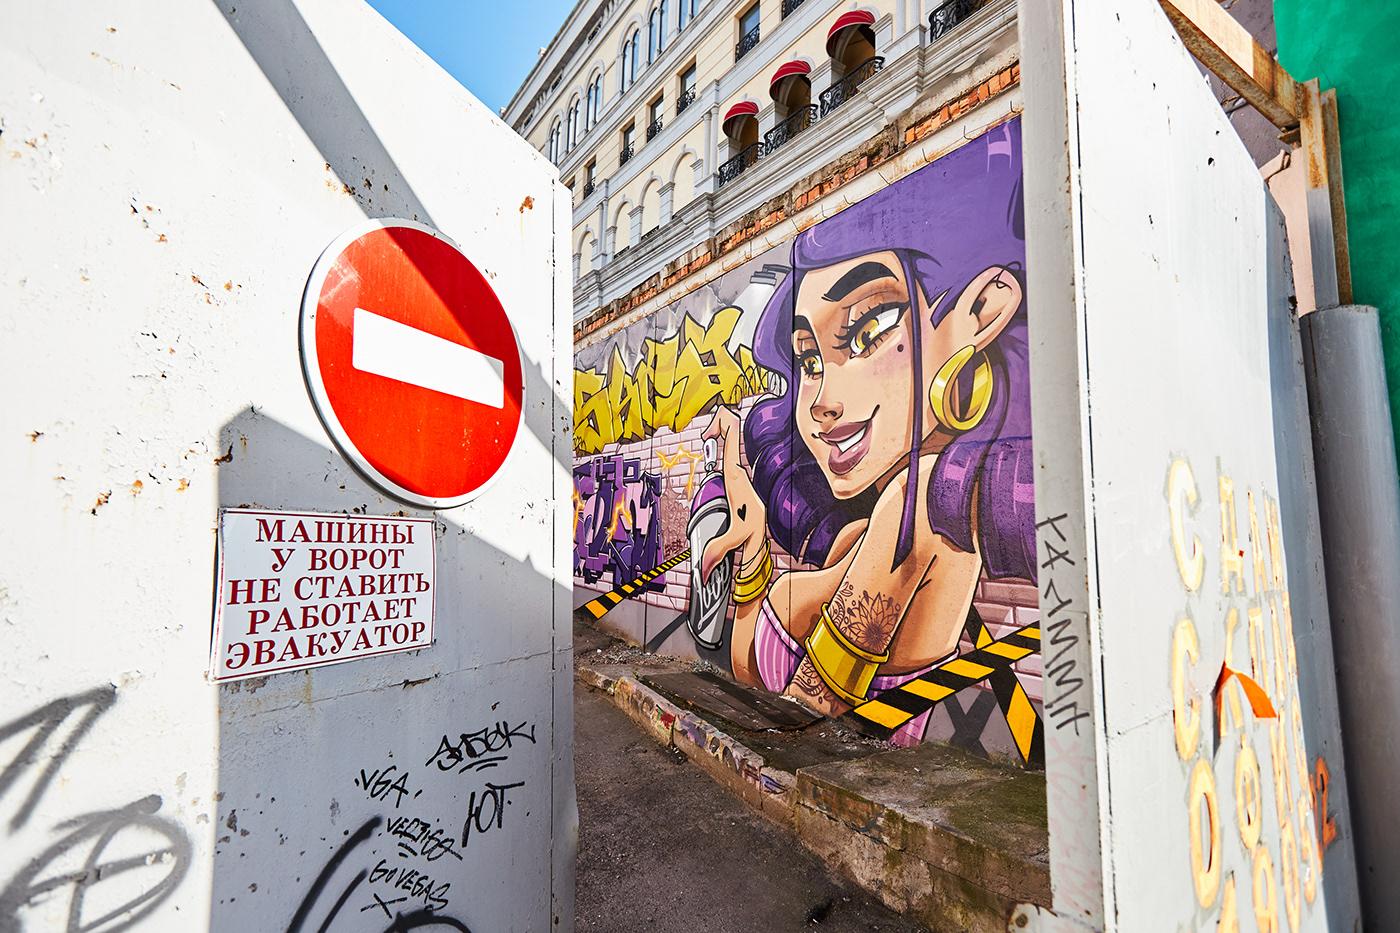 Image may contain: cartoon, graffiti and drawing